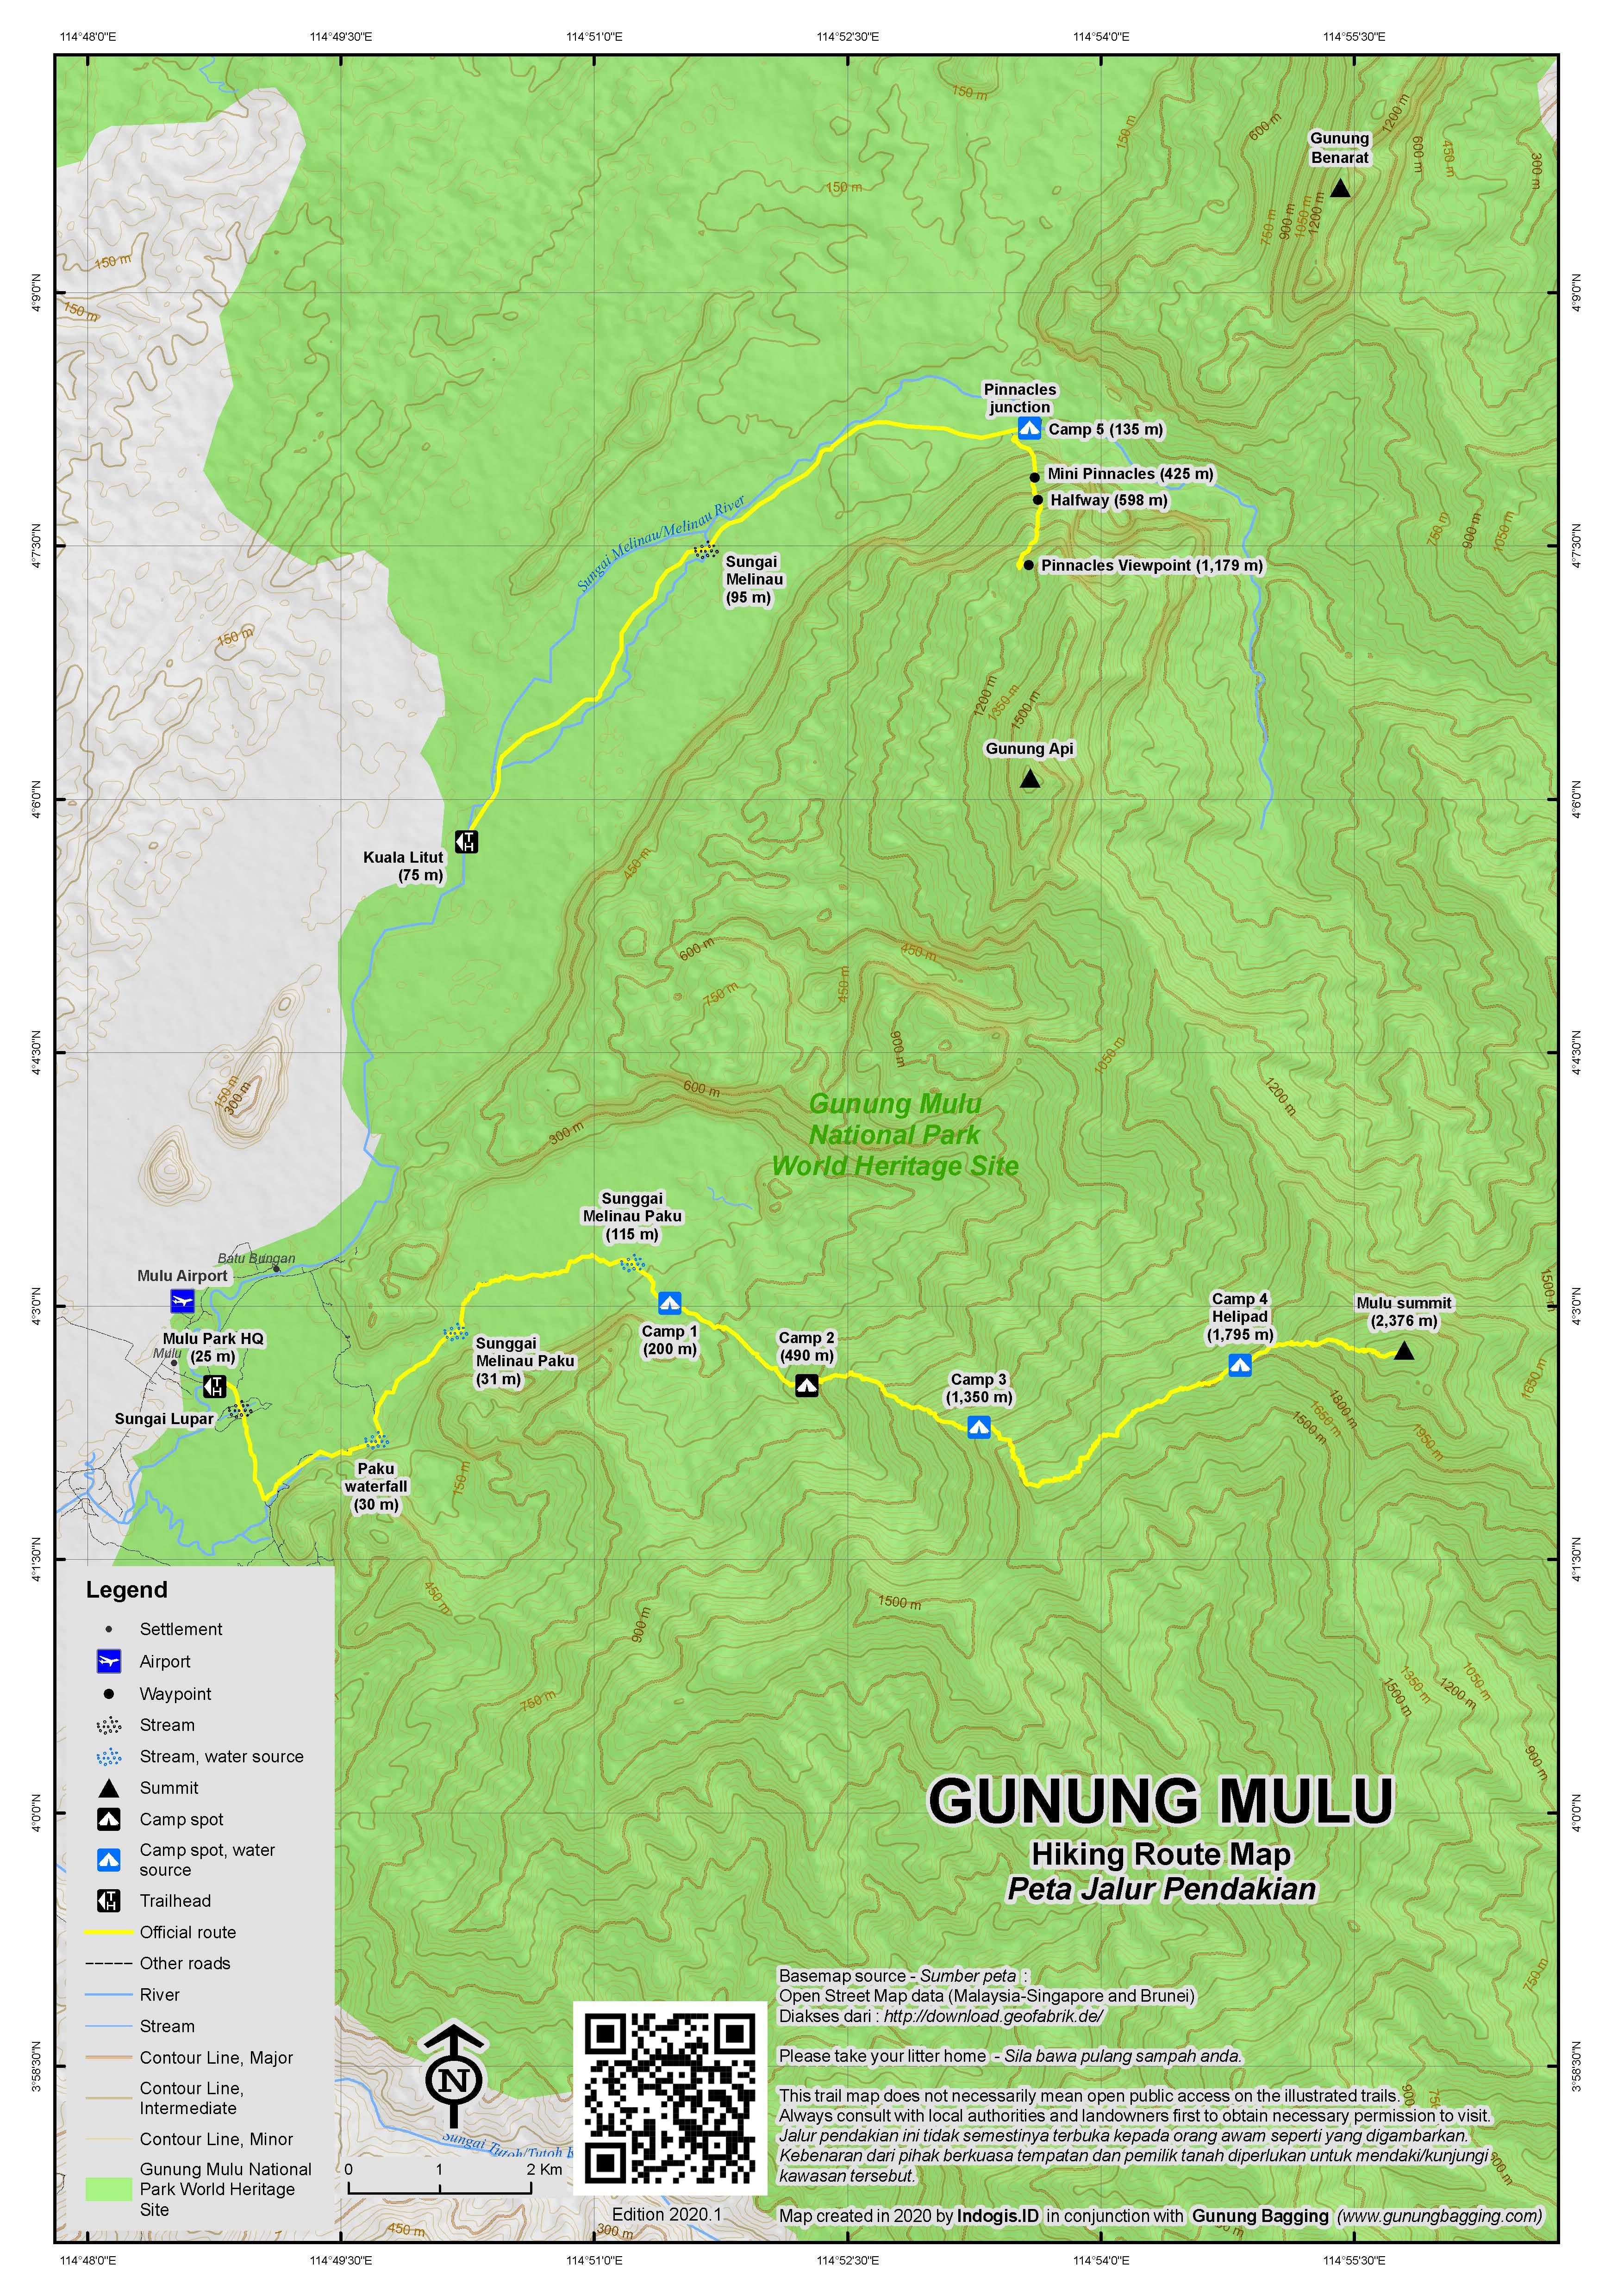 Peta Jalur Pendakian Gunung Mulu